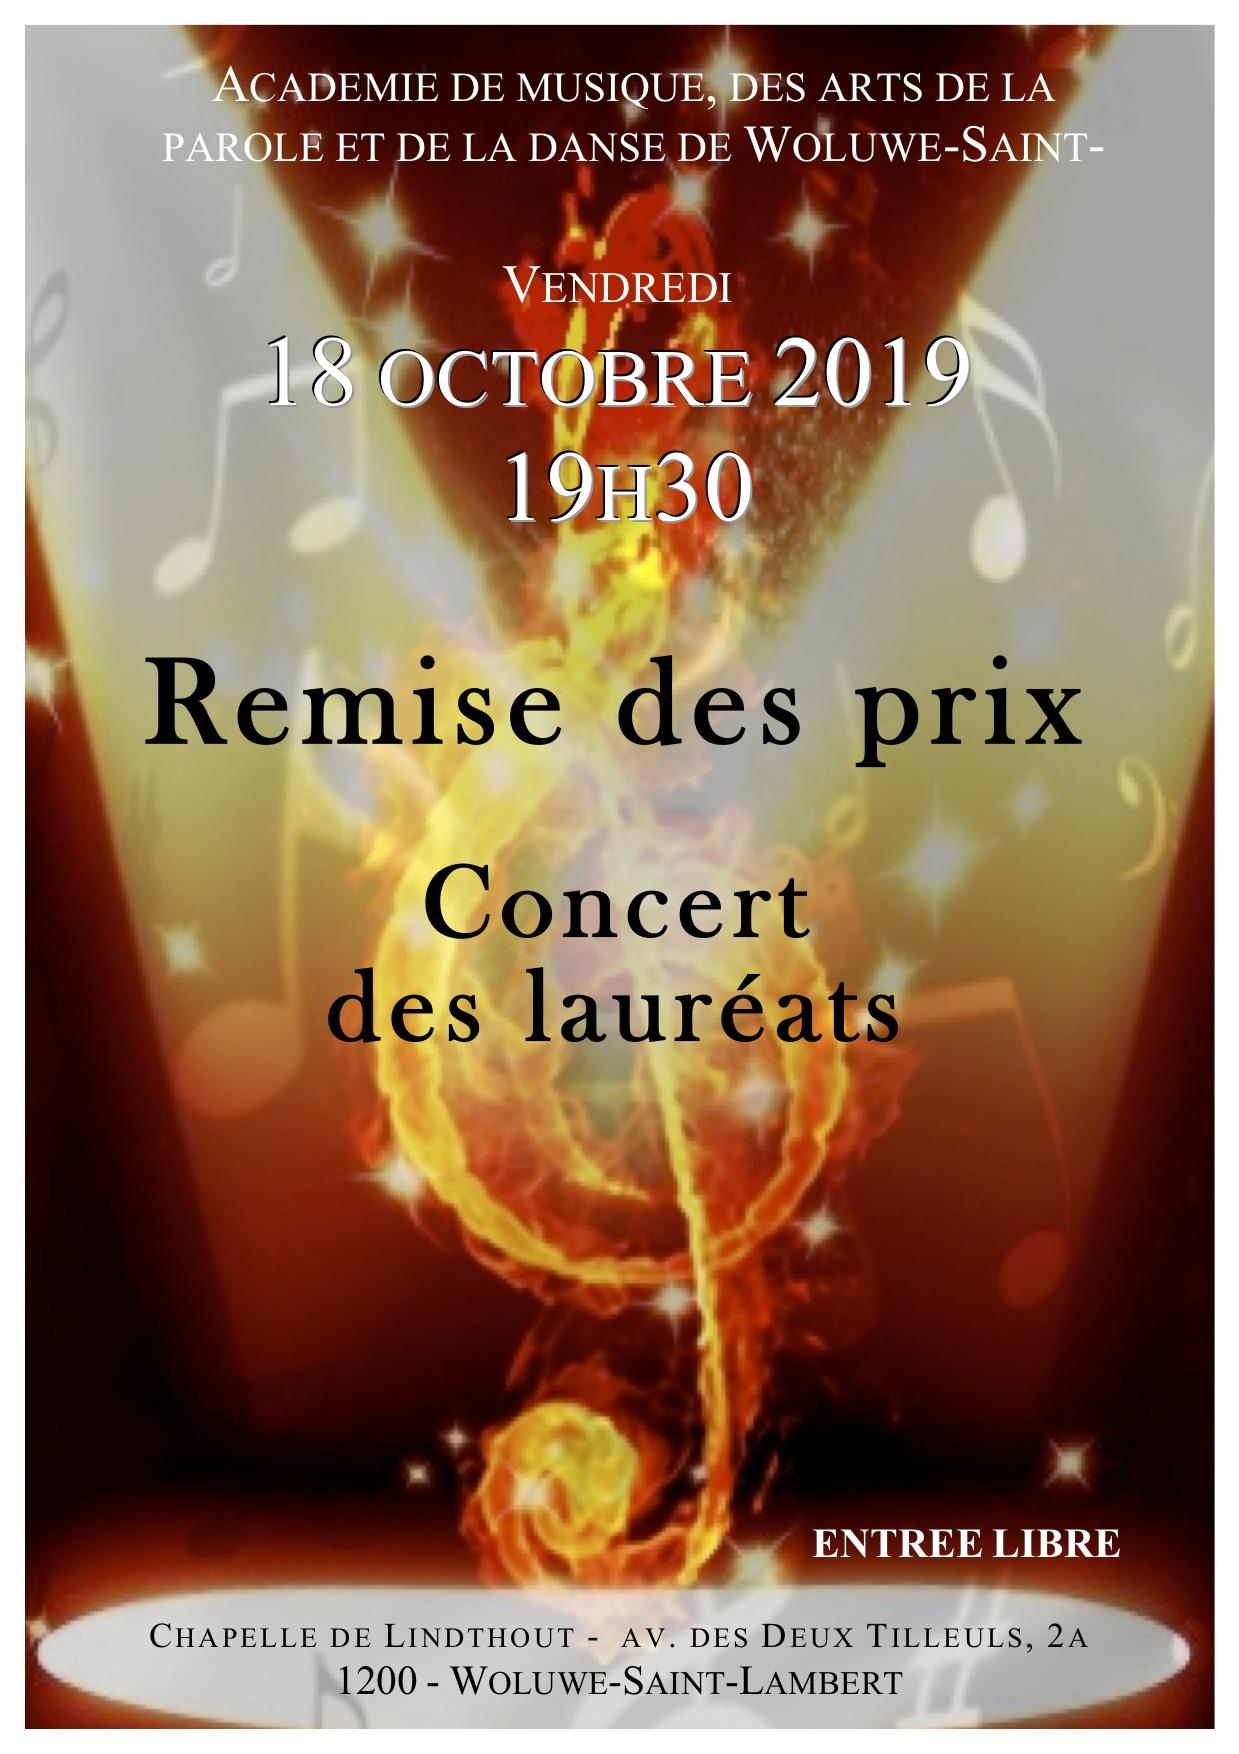 Concert des lauréats Woluwe Saint Lambert @ Chapelle de Lindthout